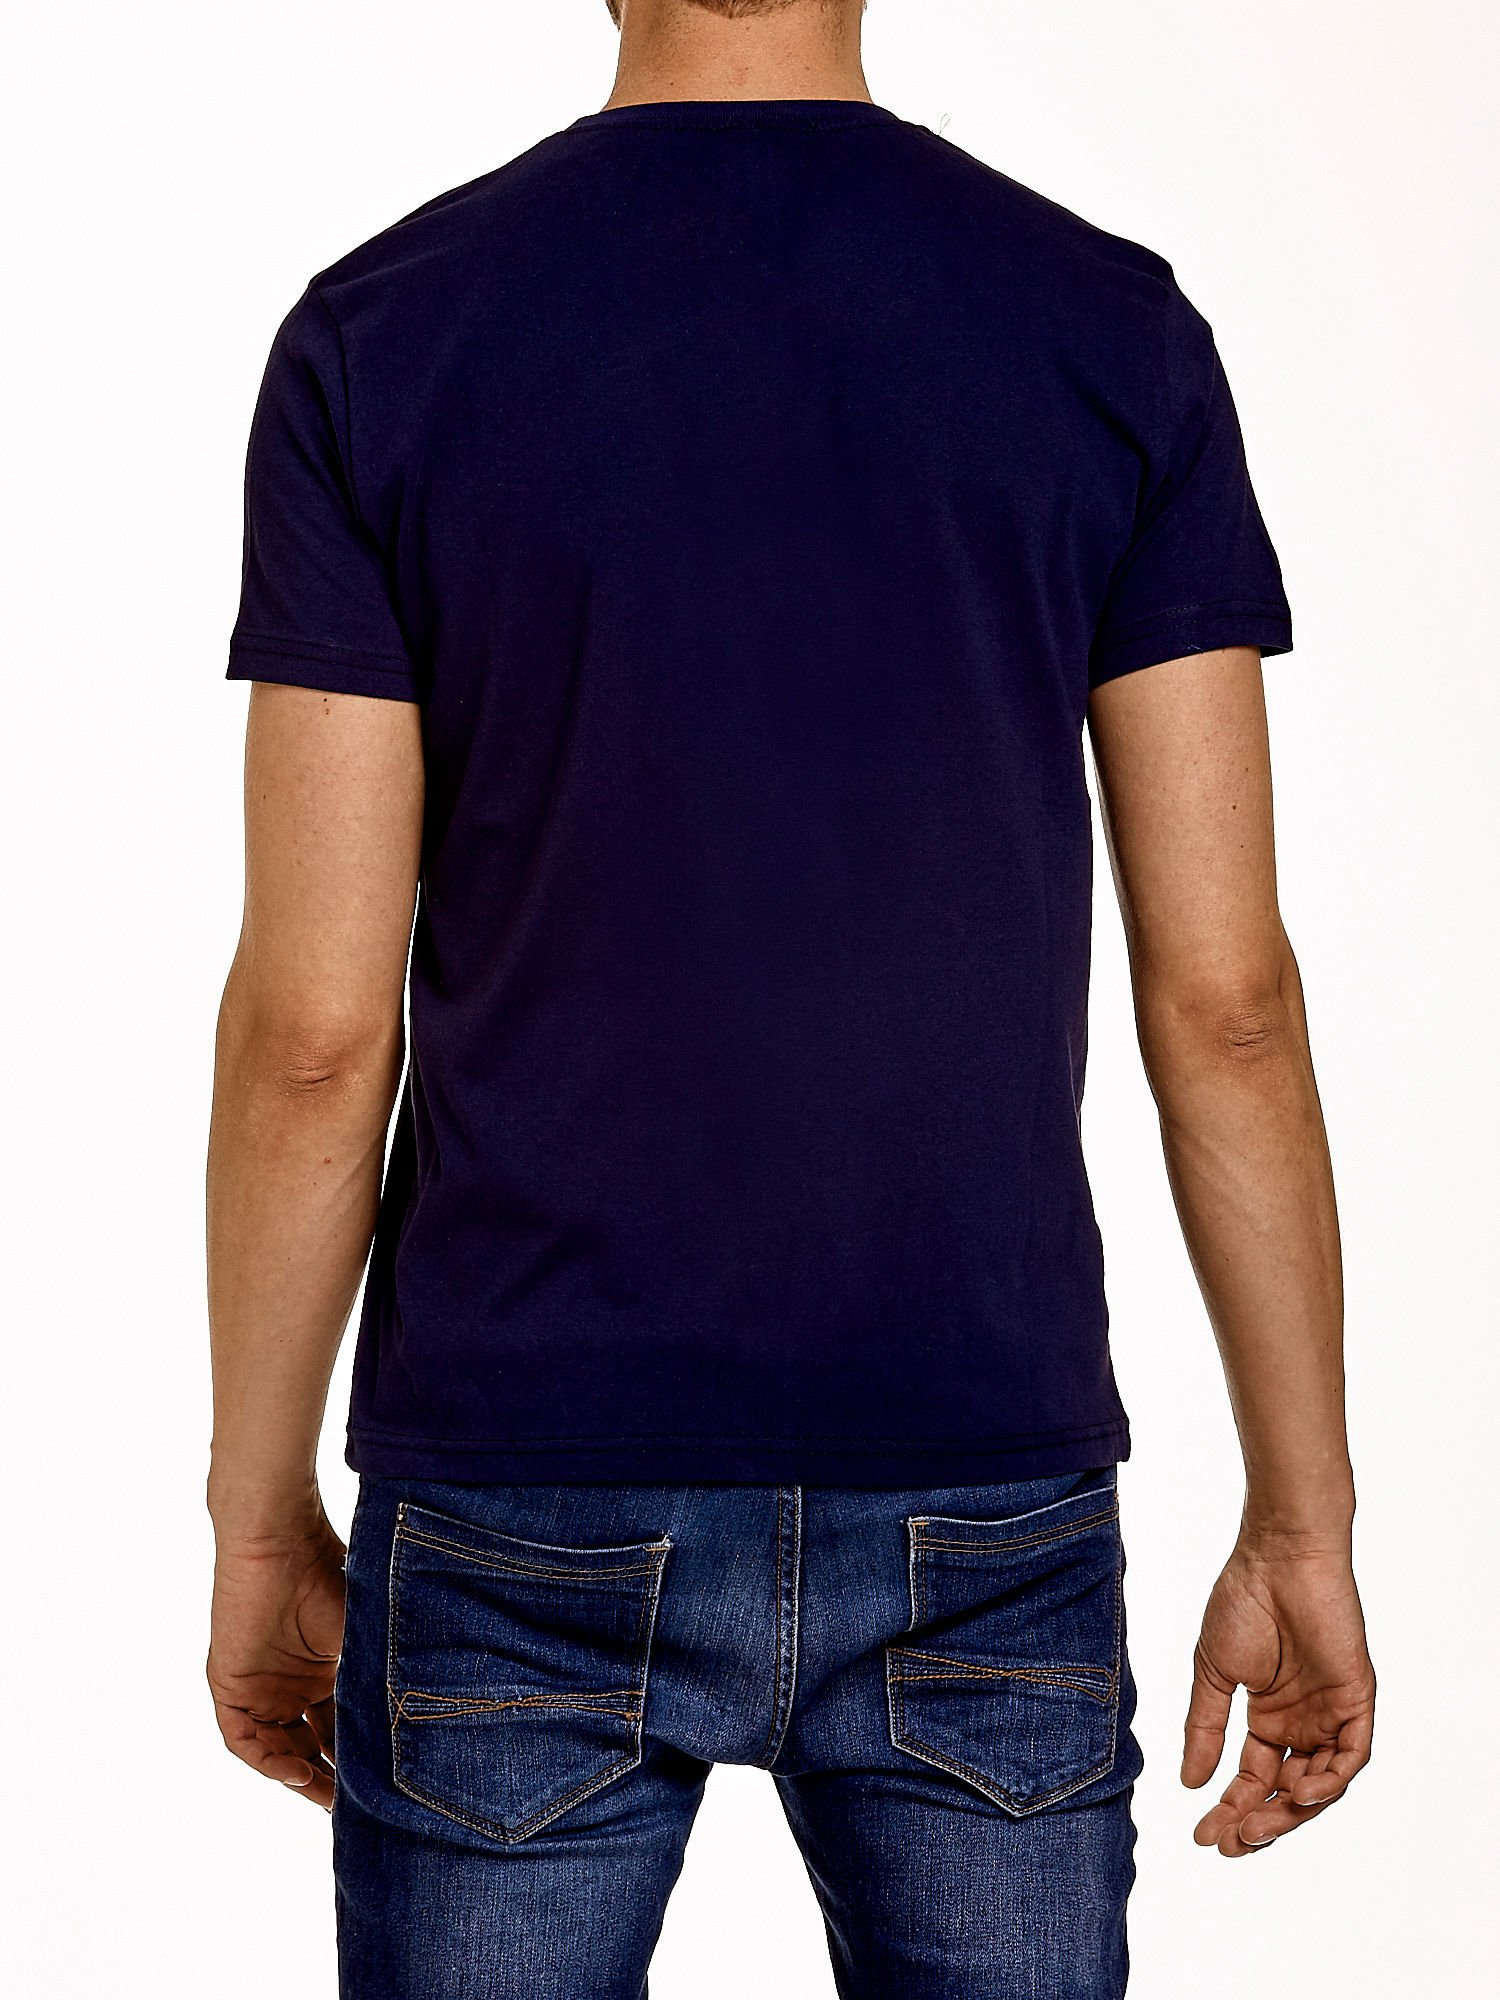 Granatowy t-shirt męski z nadrukiem czaszki i napisami                                  zdj.                                  4